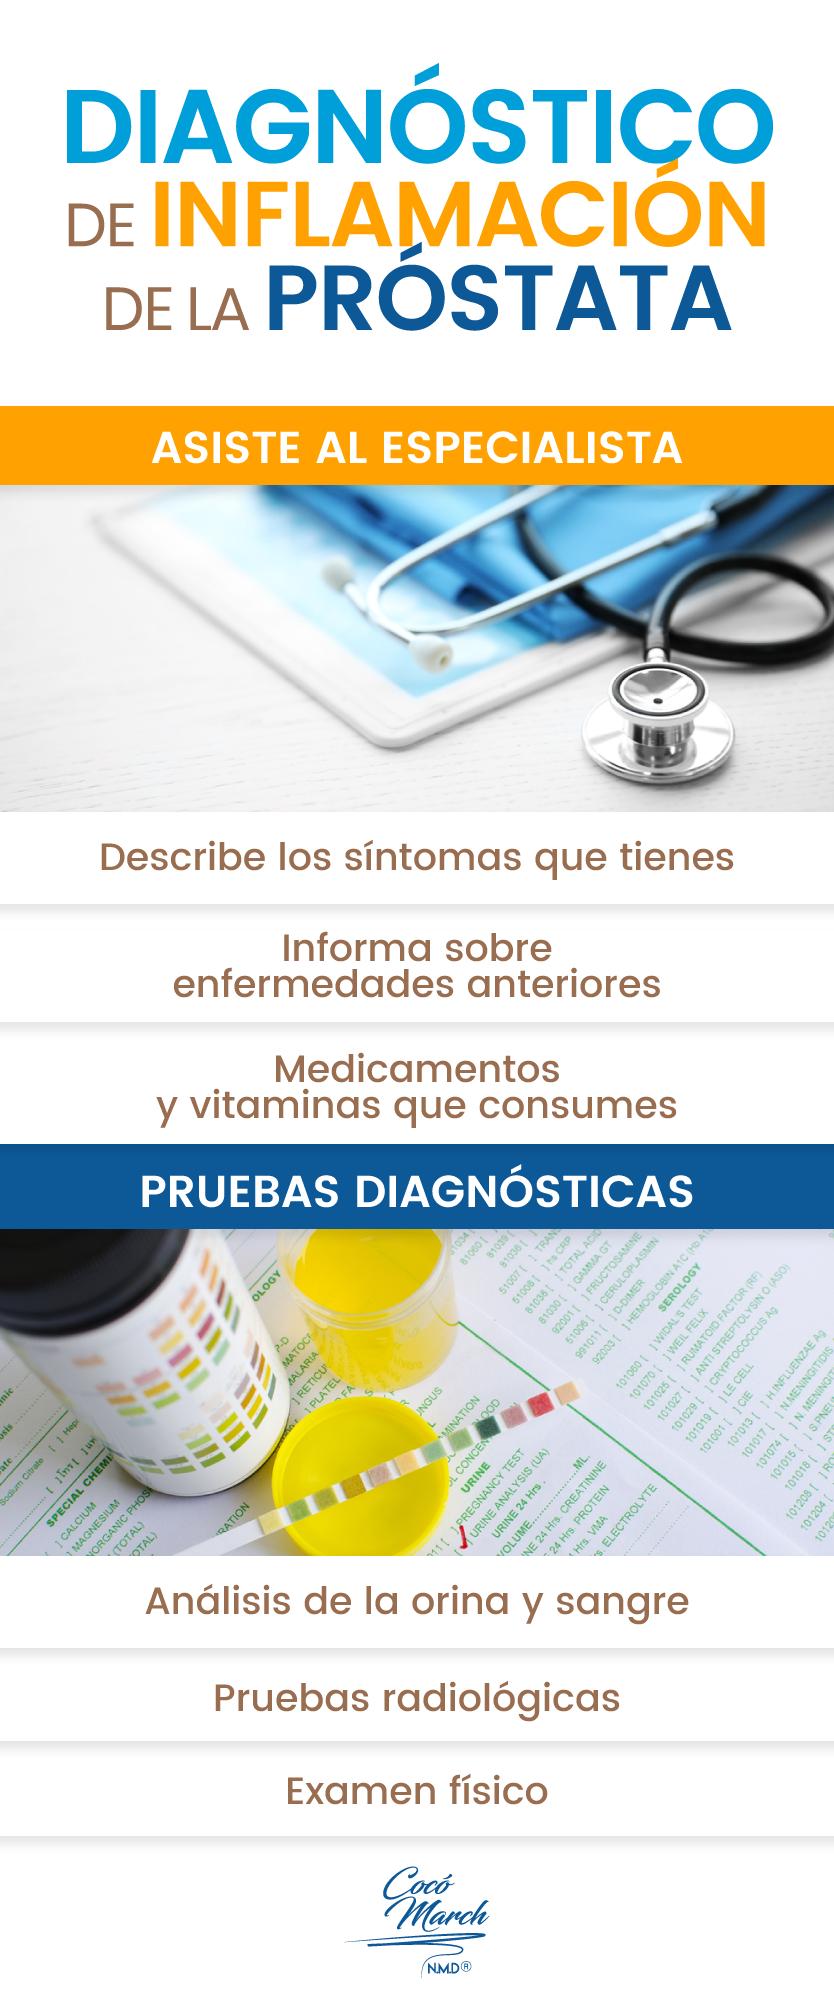 diagnostico-de-prostata-inflamada